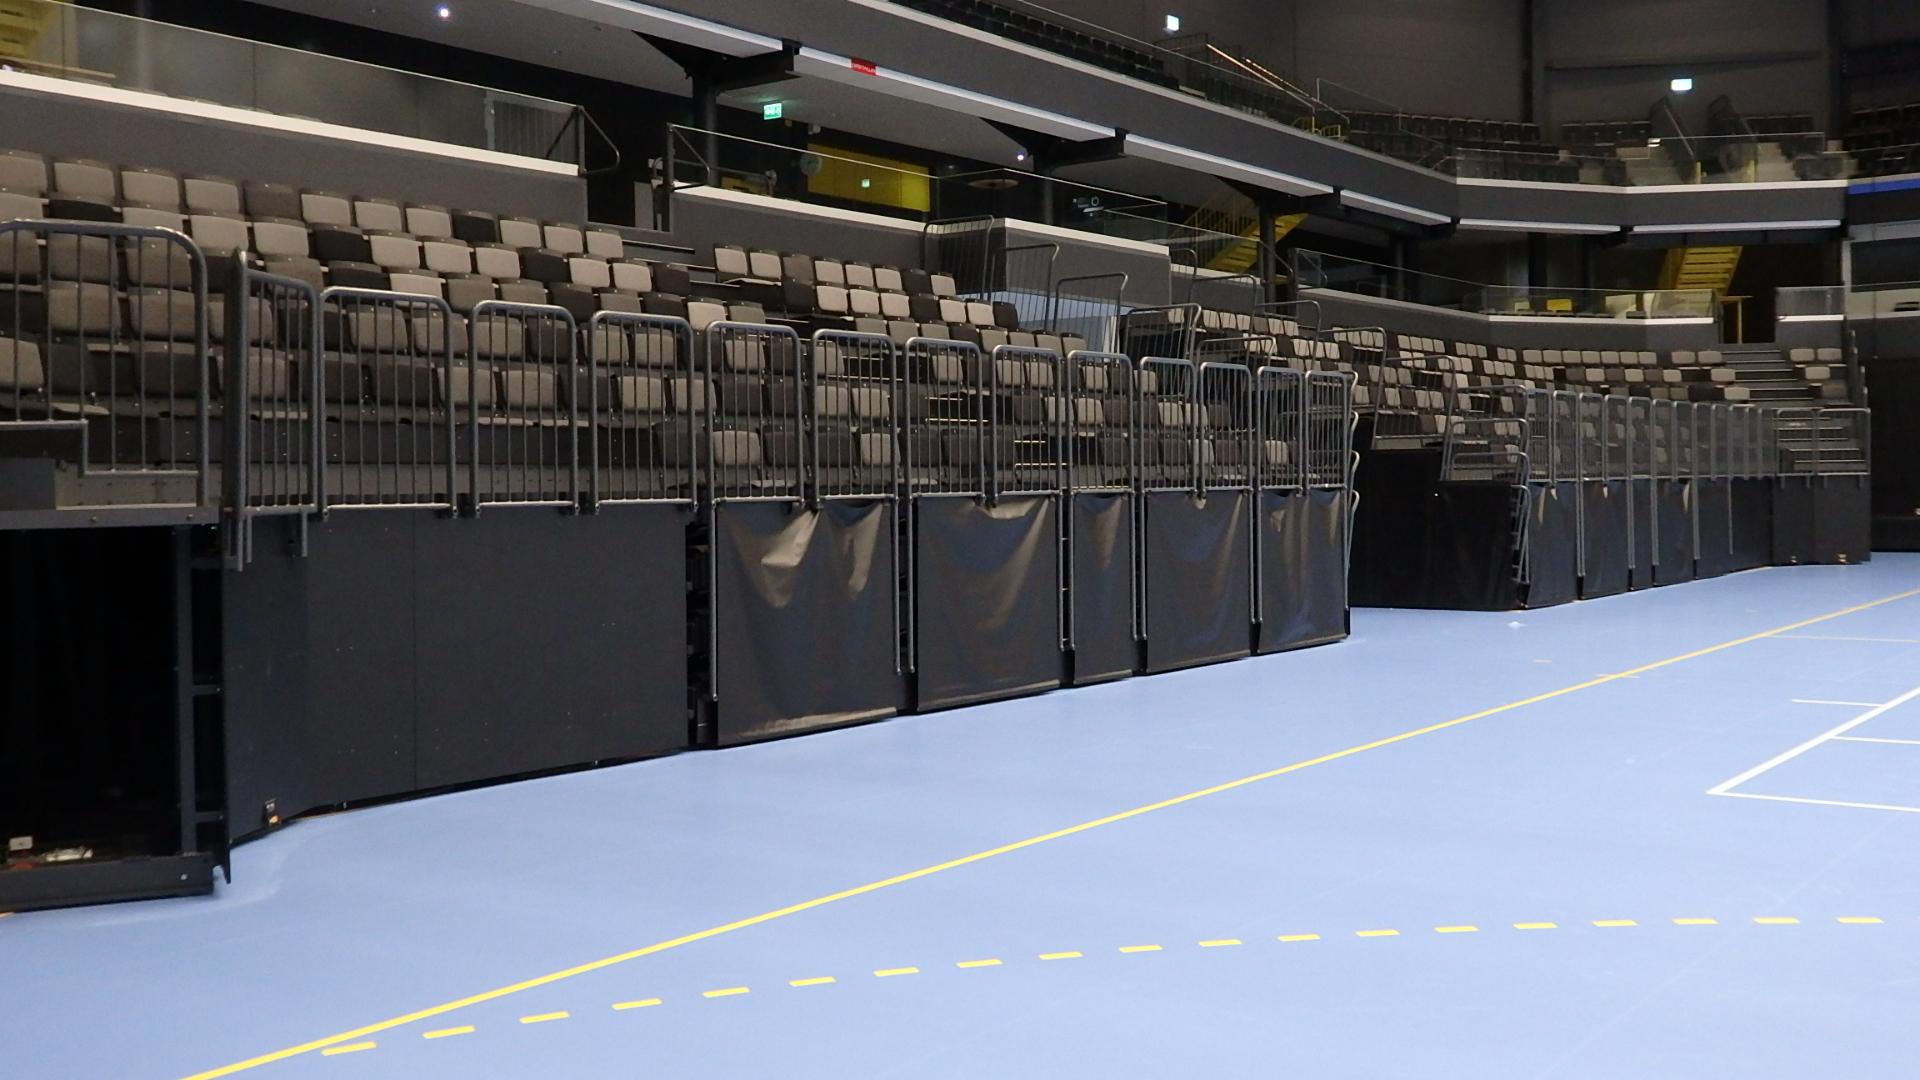 Hall B med Boen Ekparkett sportgolv samt läktarstolar installaterat av Unisport